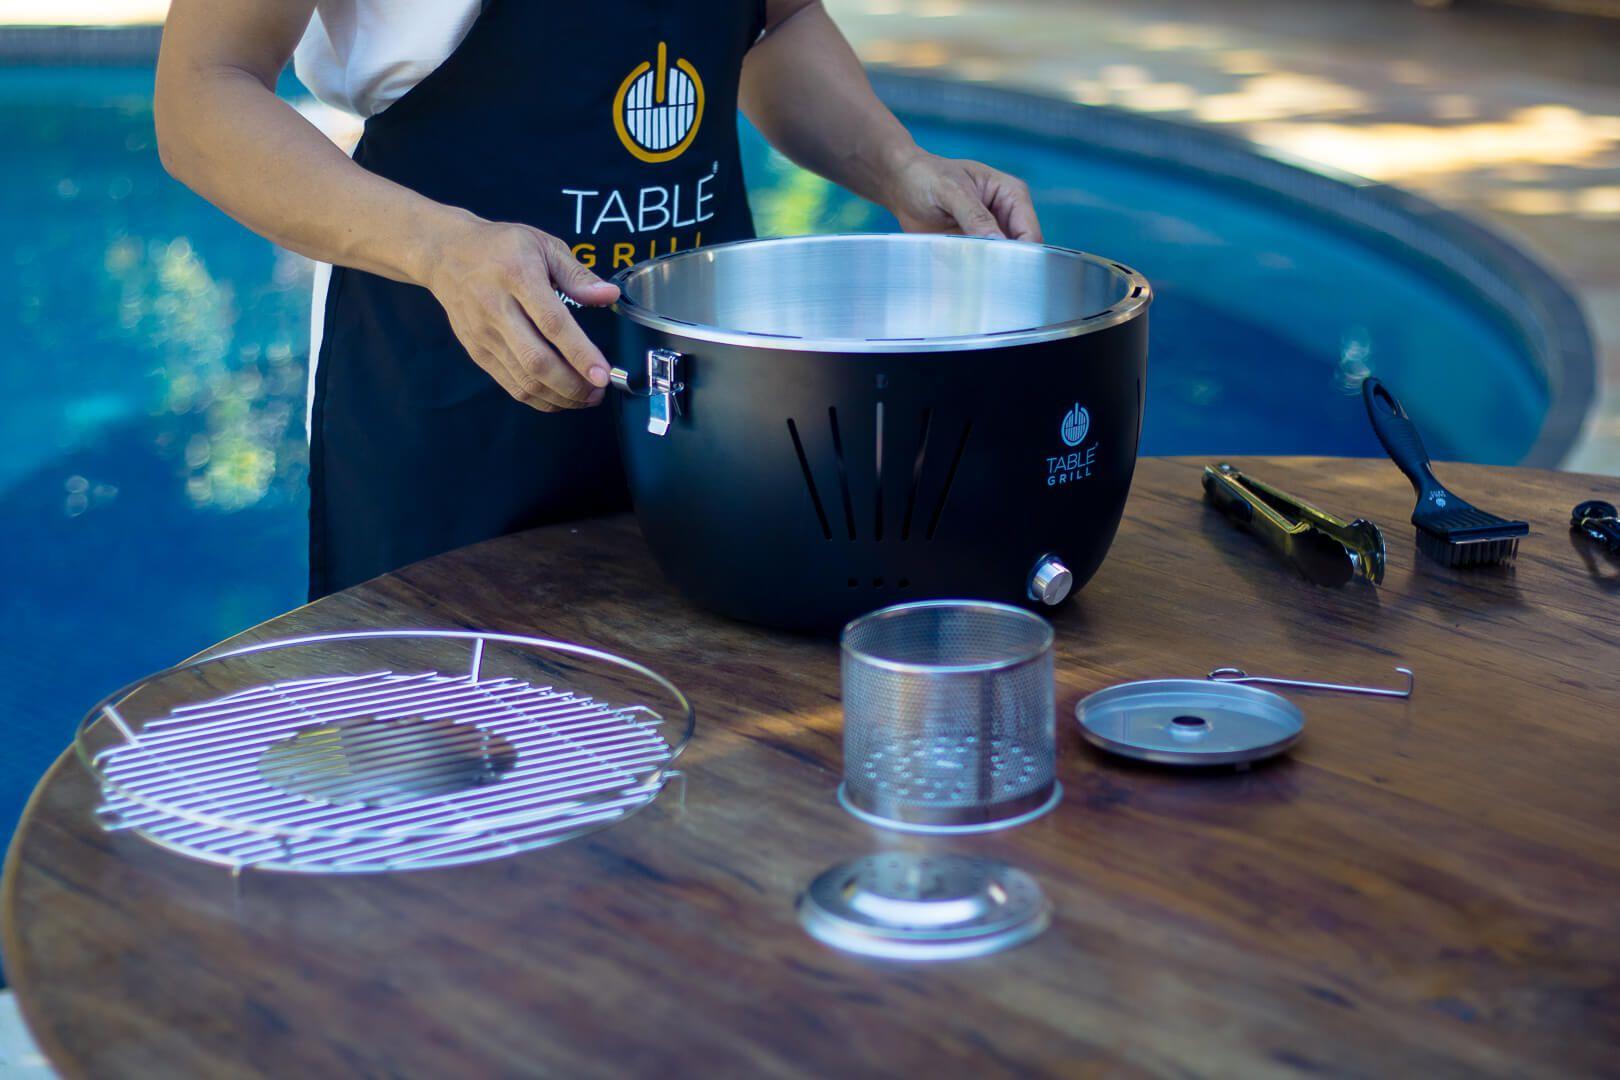 CHURRASQUEIRA DE MESA A CARVAO TABLE GRILL  - DOTEC SHOP